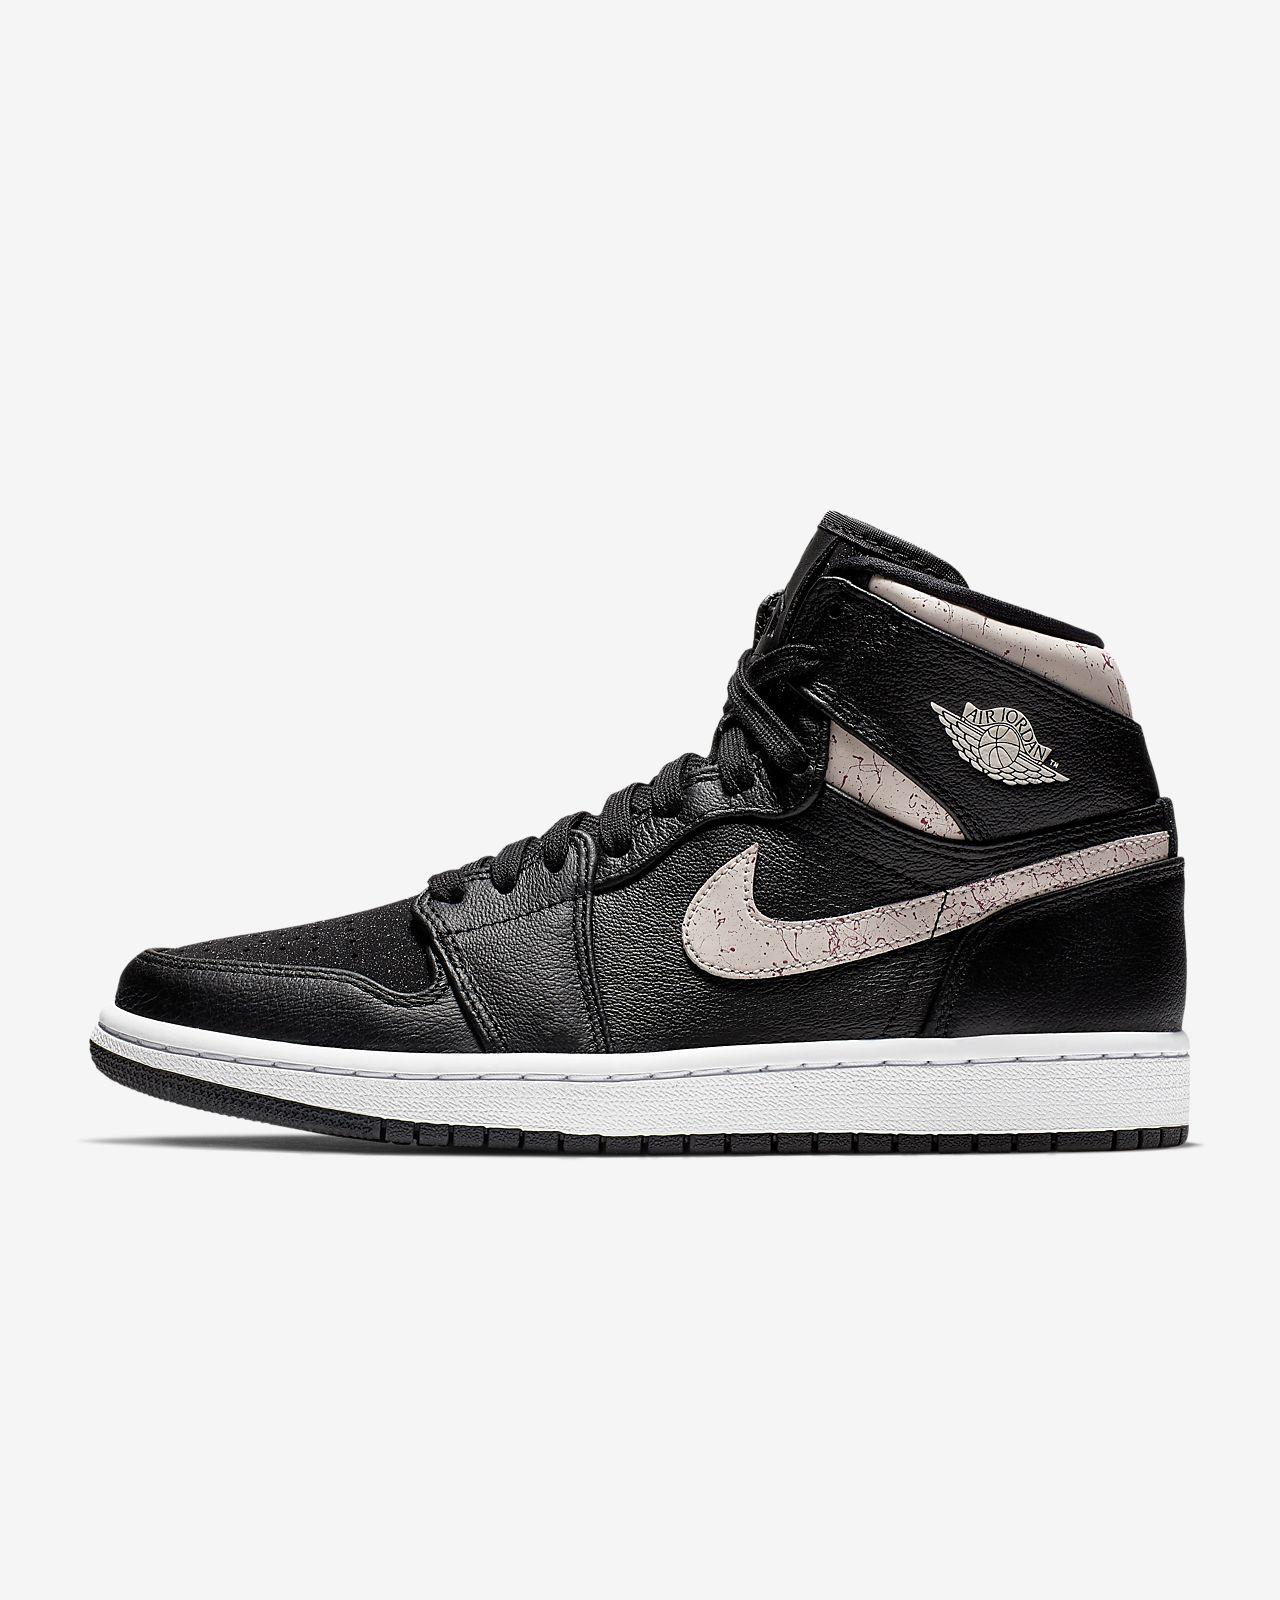 Buty damskie Air Jordan 1 Retro Premium. Nike.com PL 5ab77c0d0c4